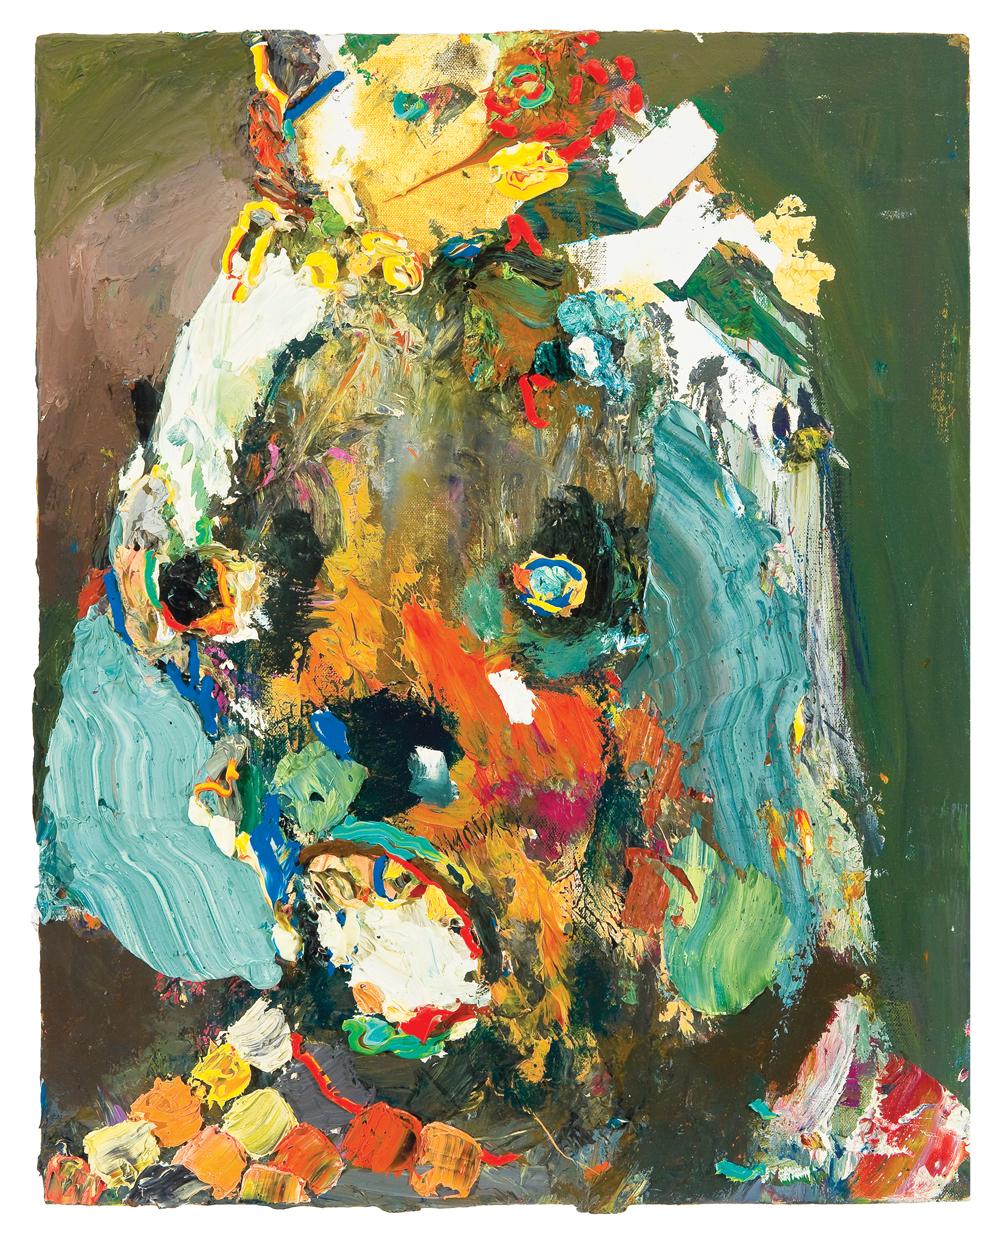 """Summer Wheat, Moldy Brain Eater, 2010, acrylic and oil on canvas, 16"""" x 20."""""""